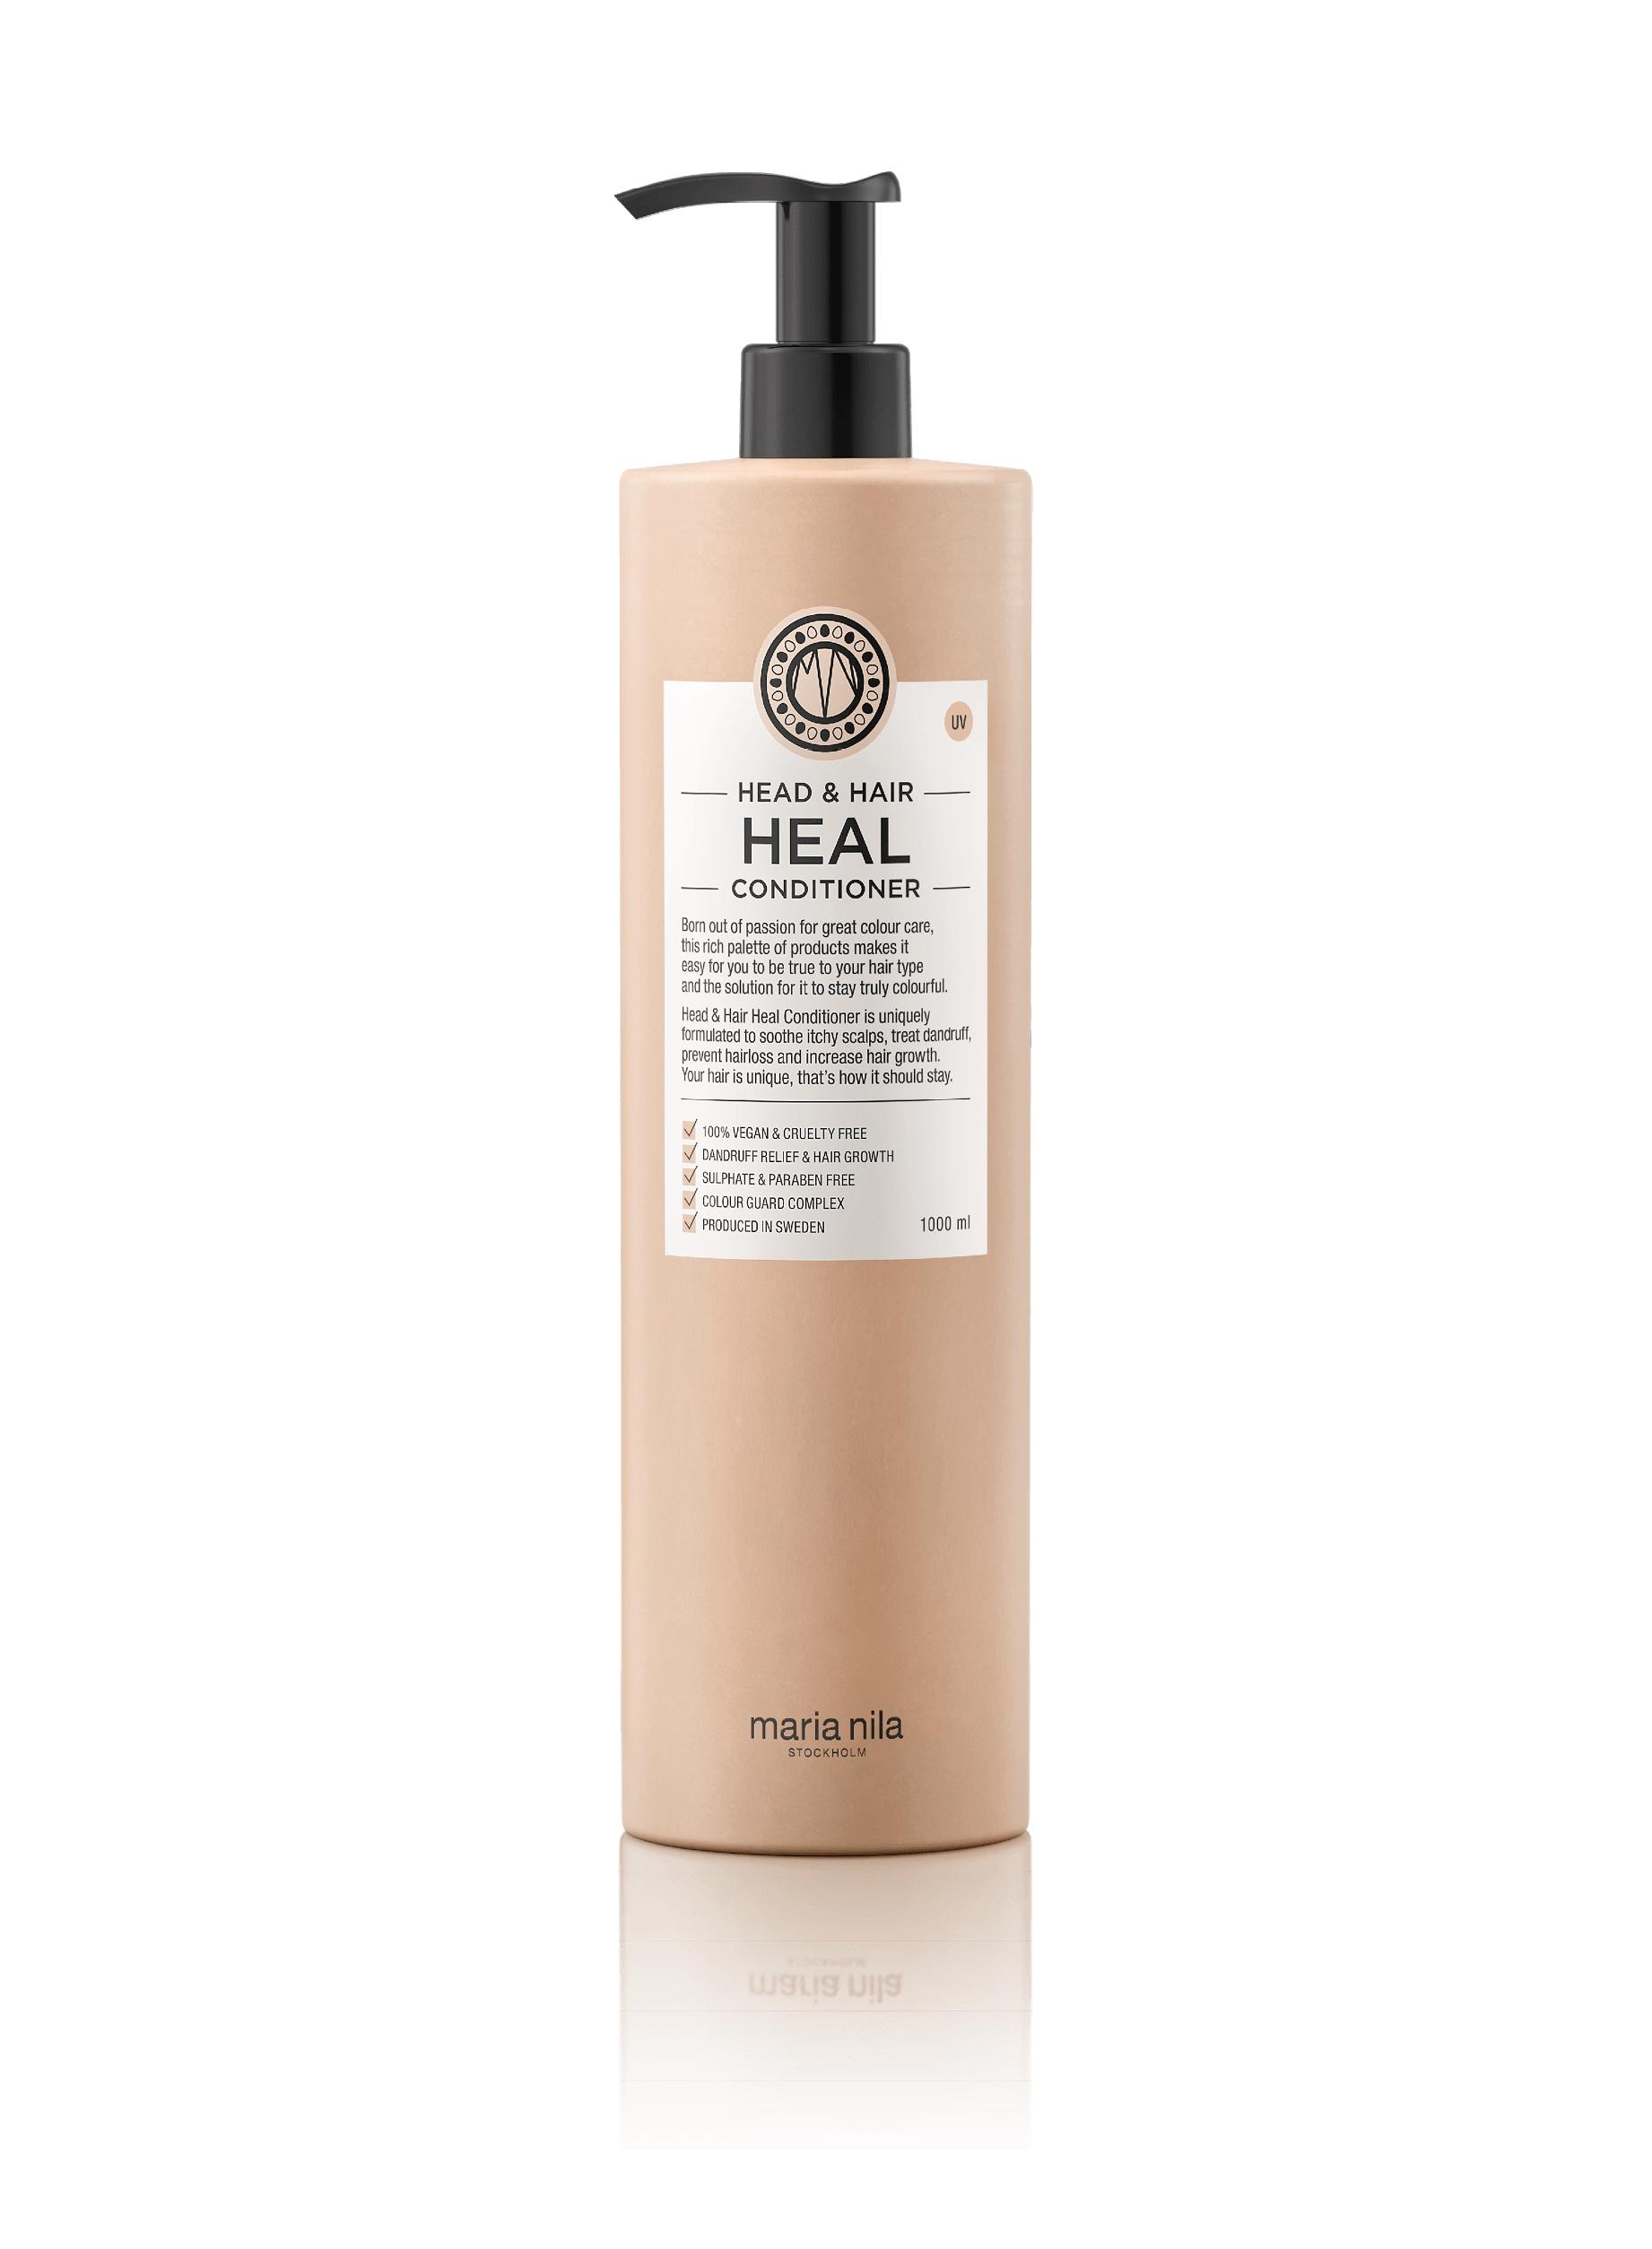 Maria Nila Head & Hair Heal Conditioner, 1000 ml